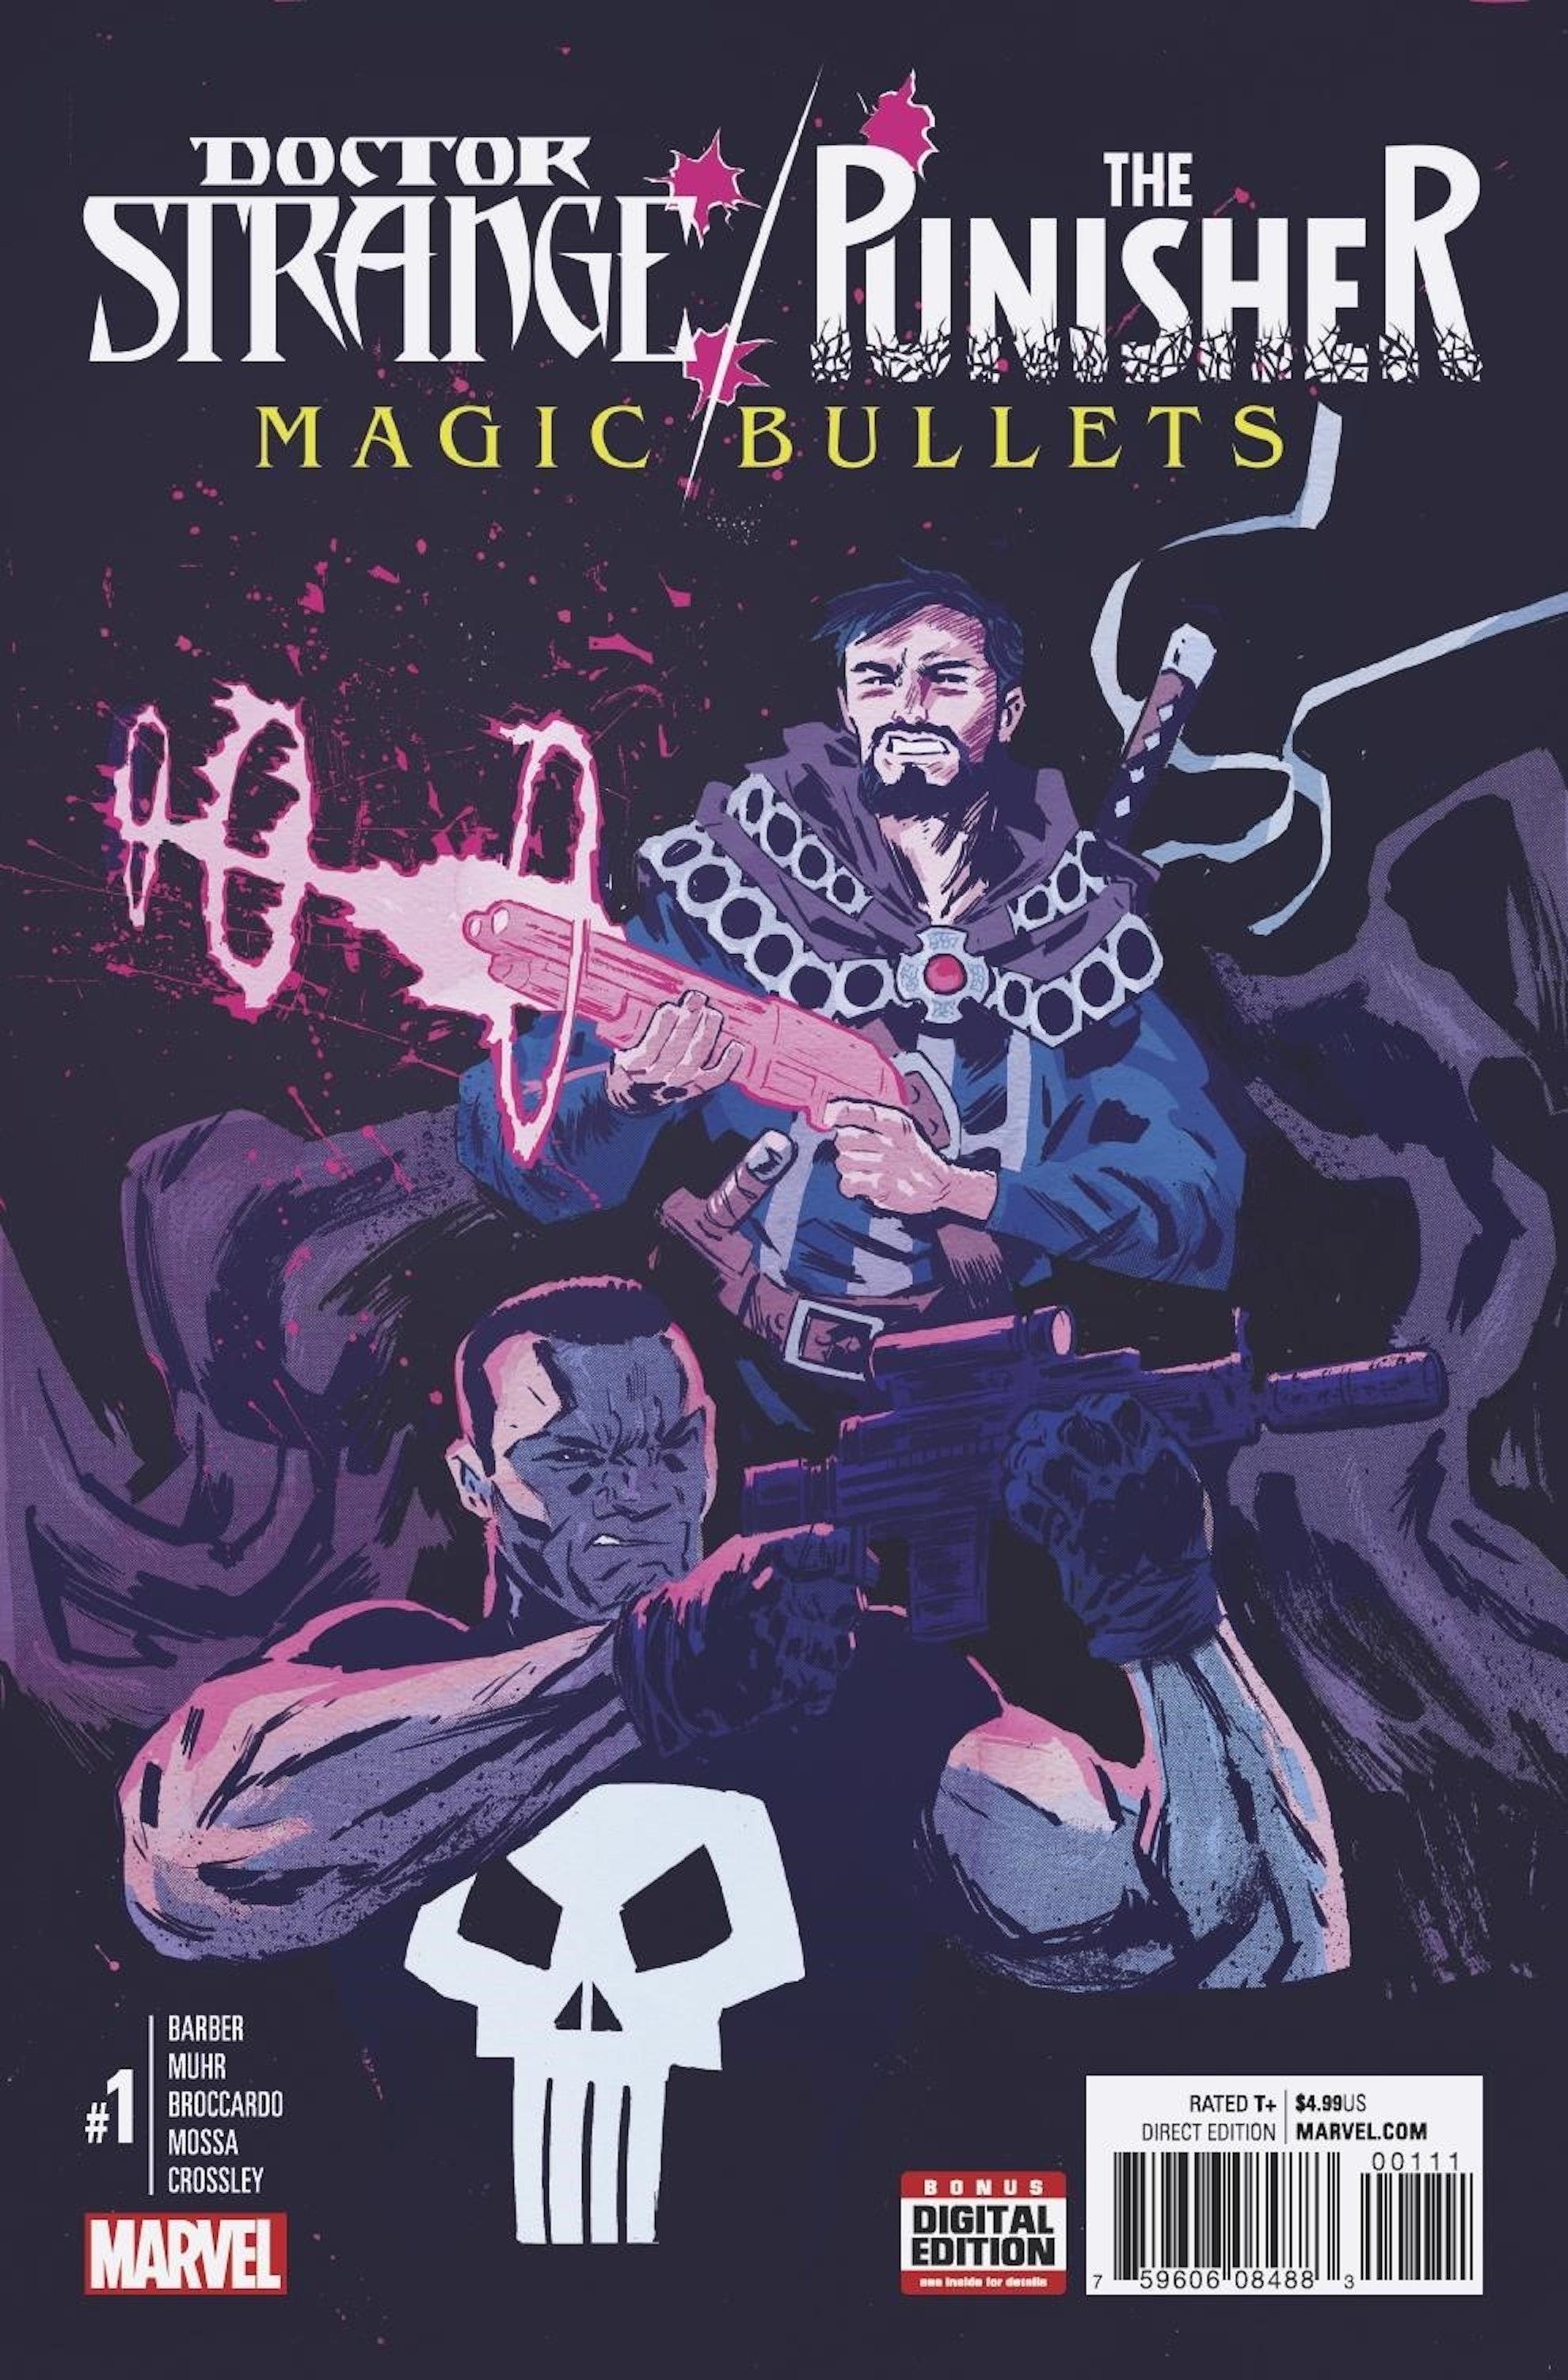 Cover of 'Doctor Strange/Punisher' #1.